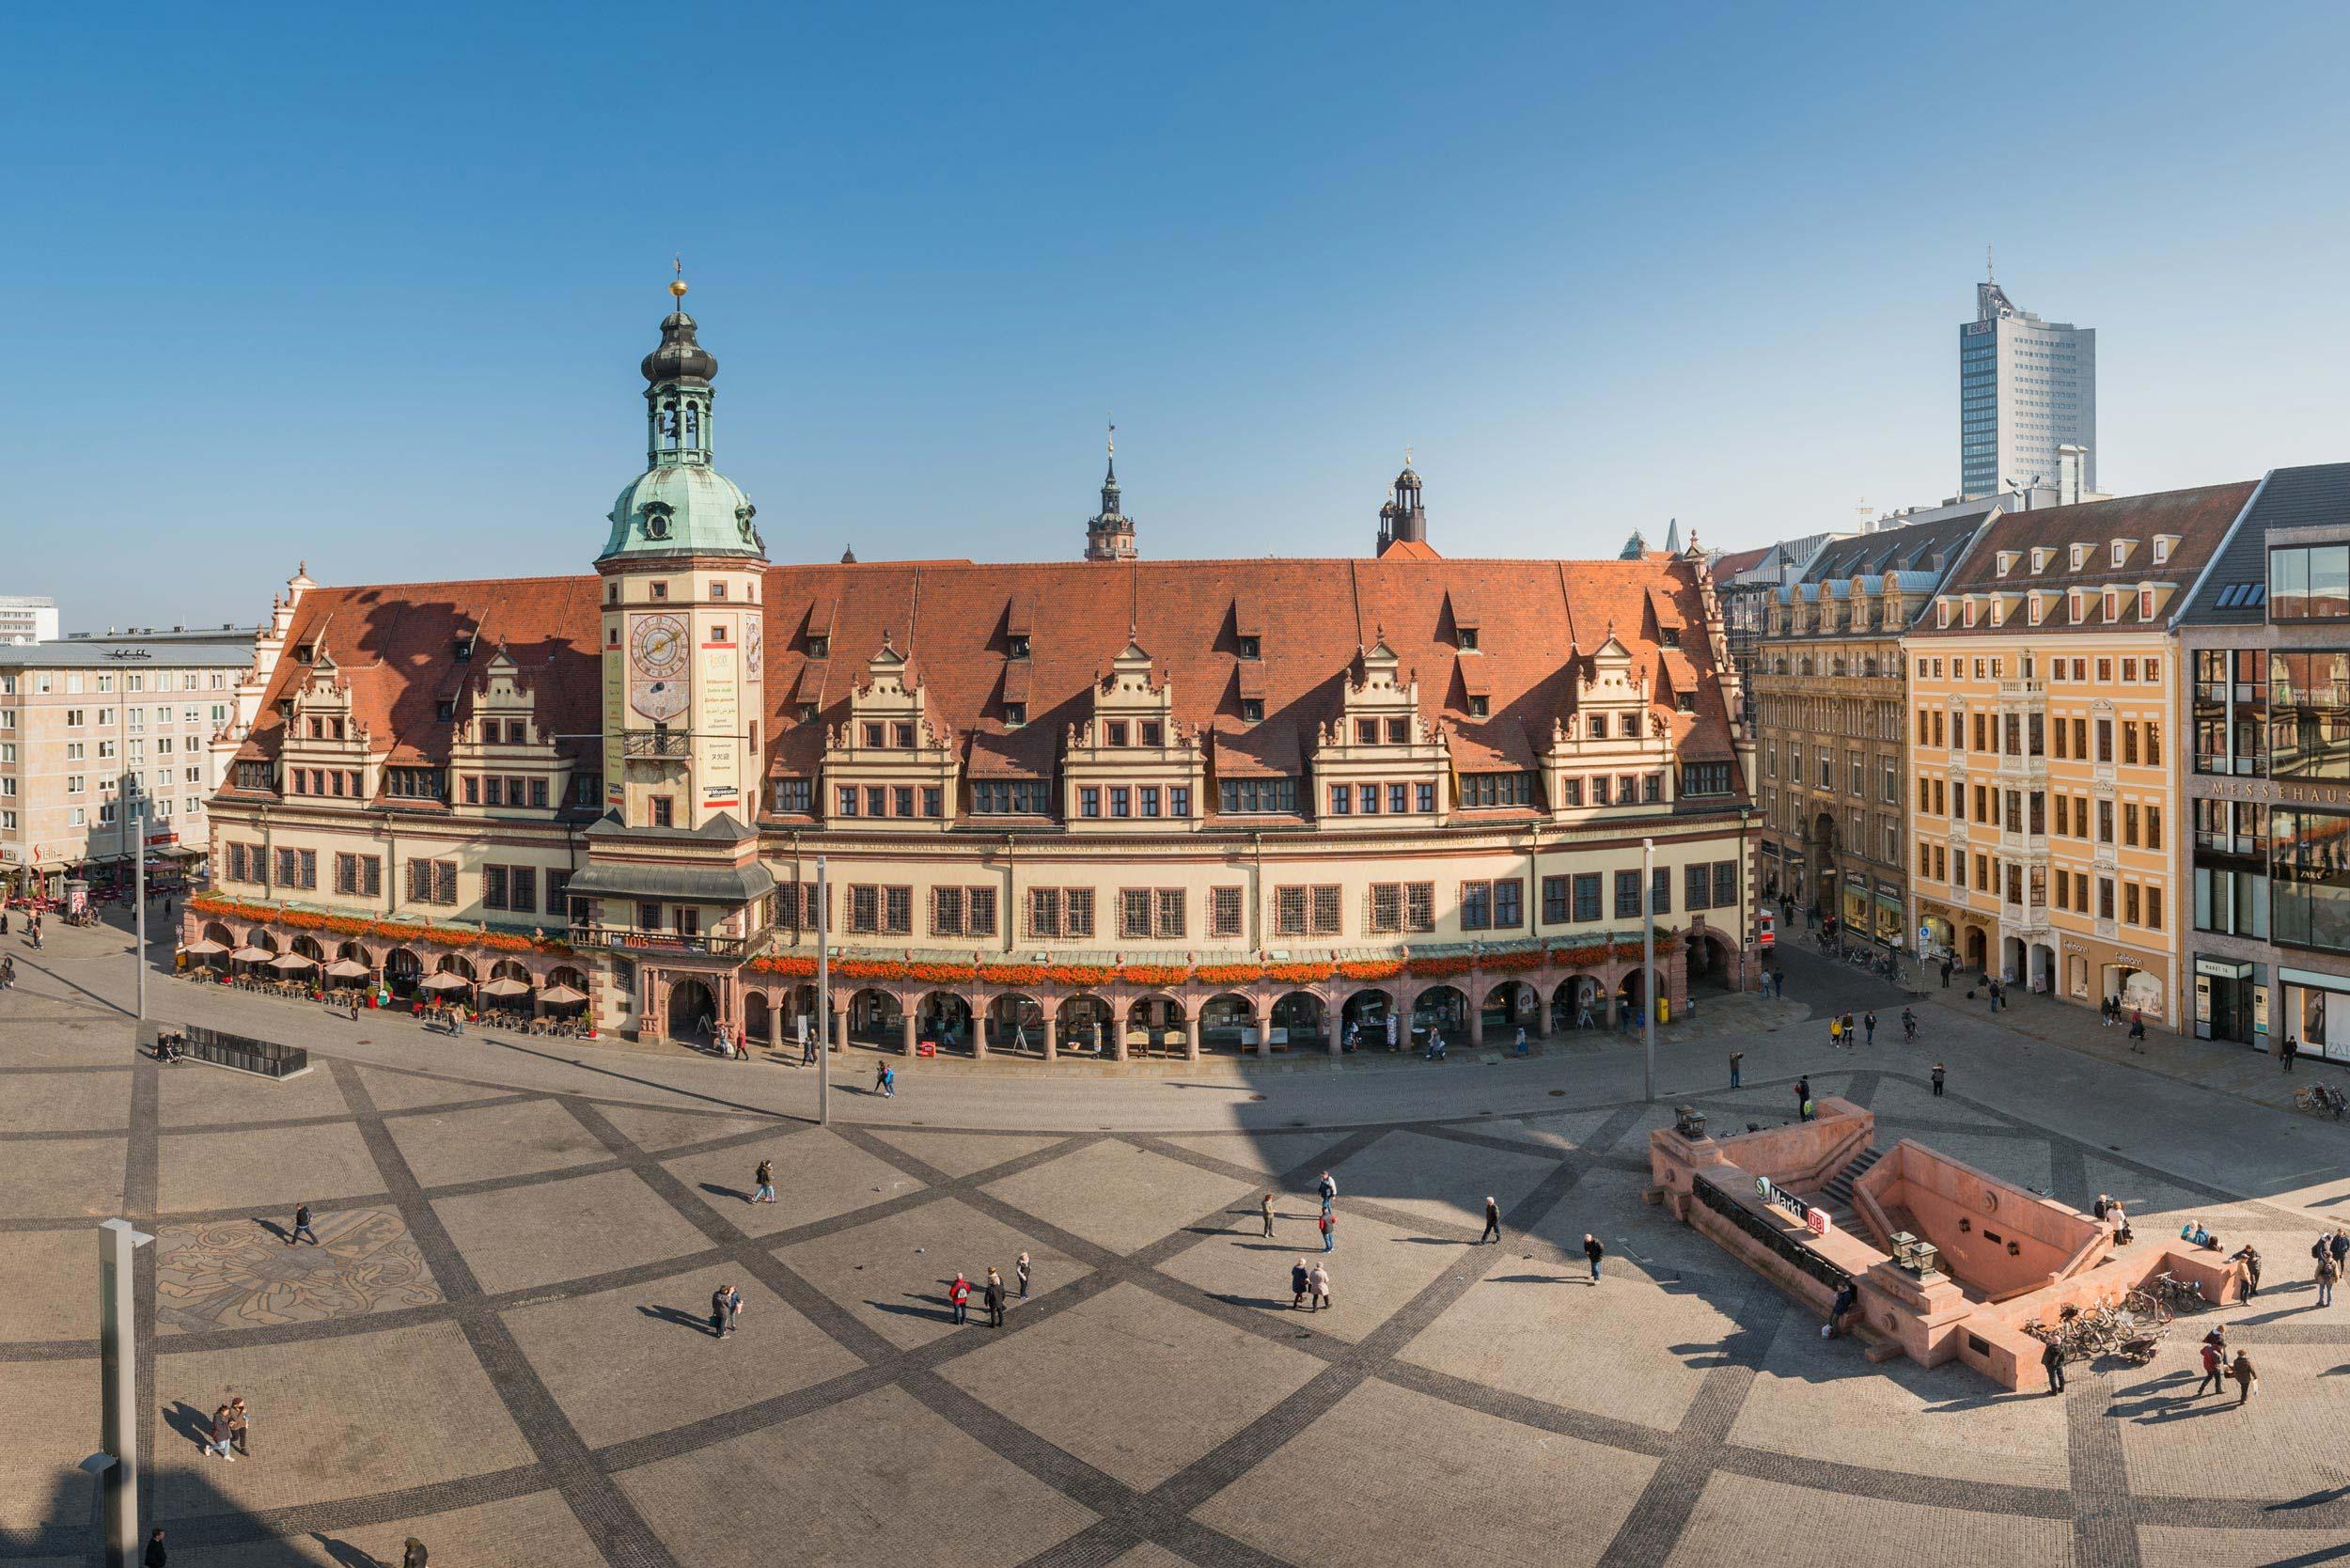 Panoramasicht auf den Leipziger Markt, das Alte Rathaus, die Petersstraße und den Uniriesen